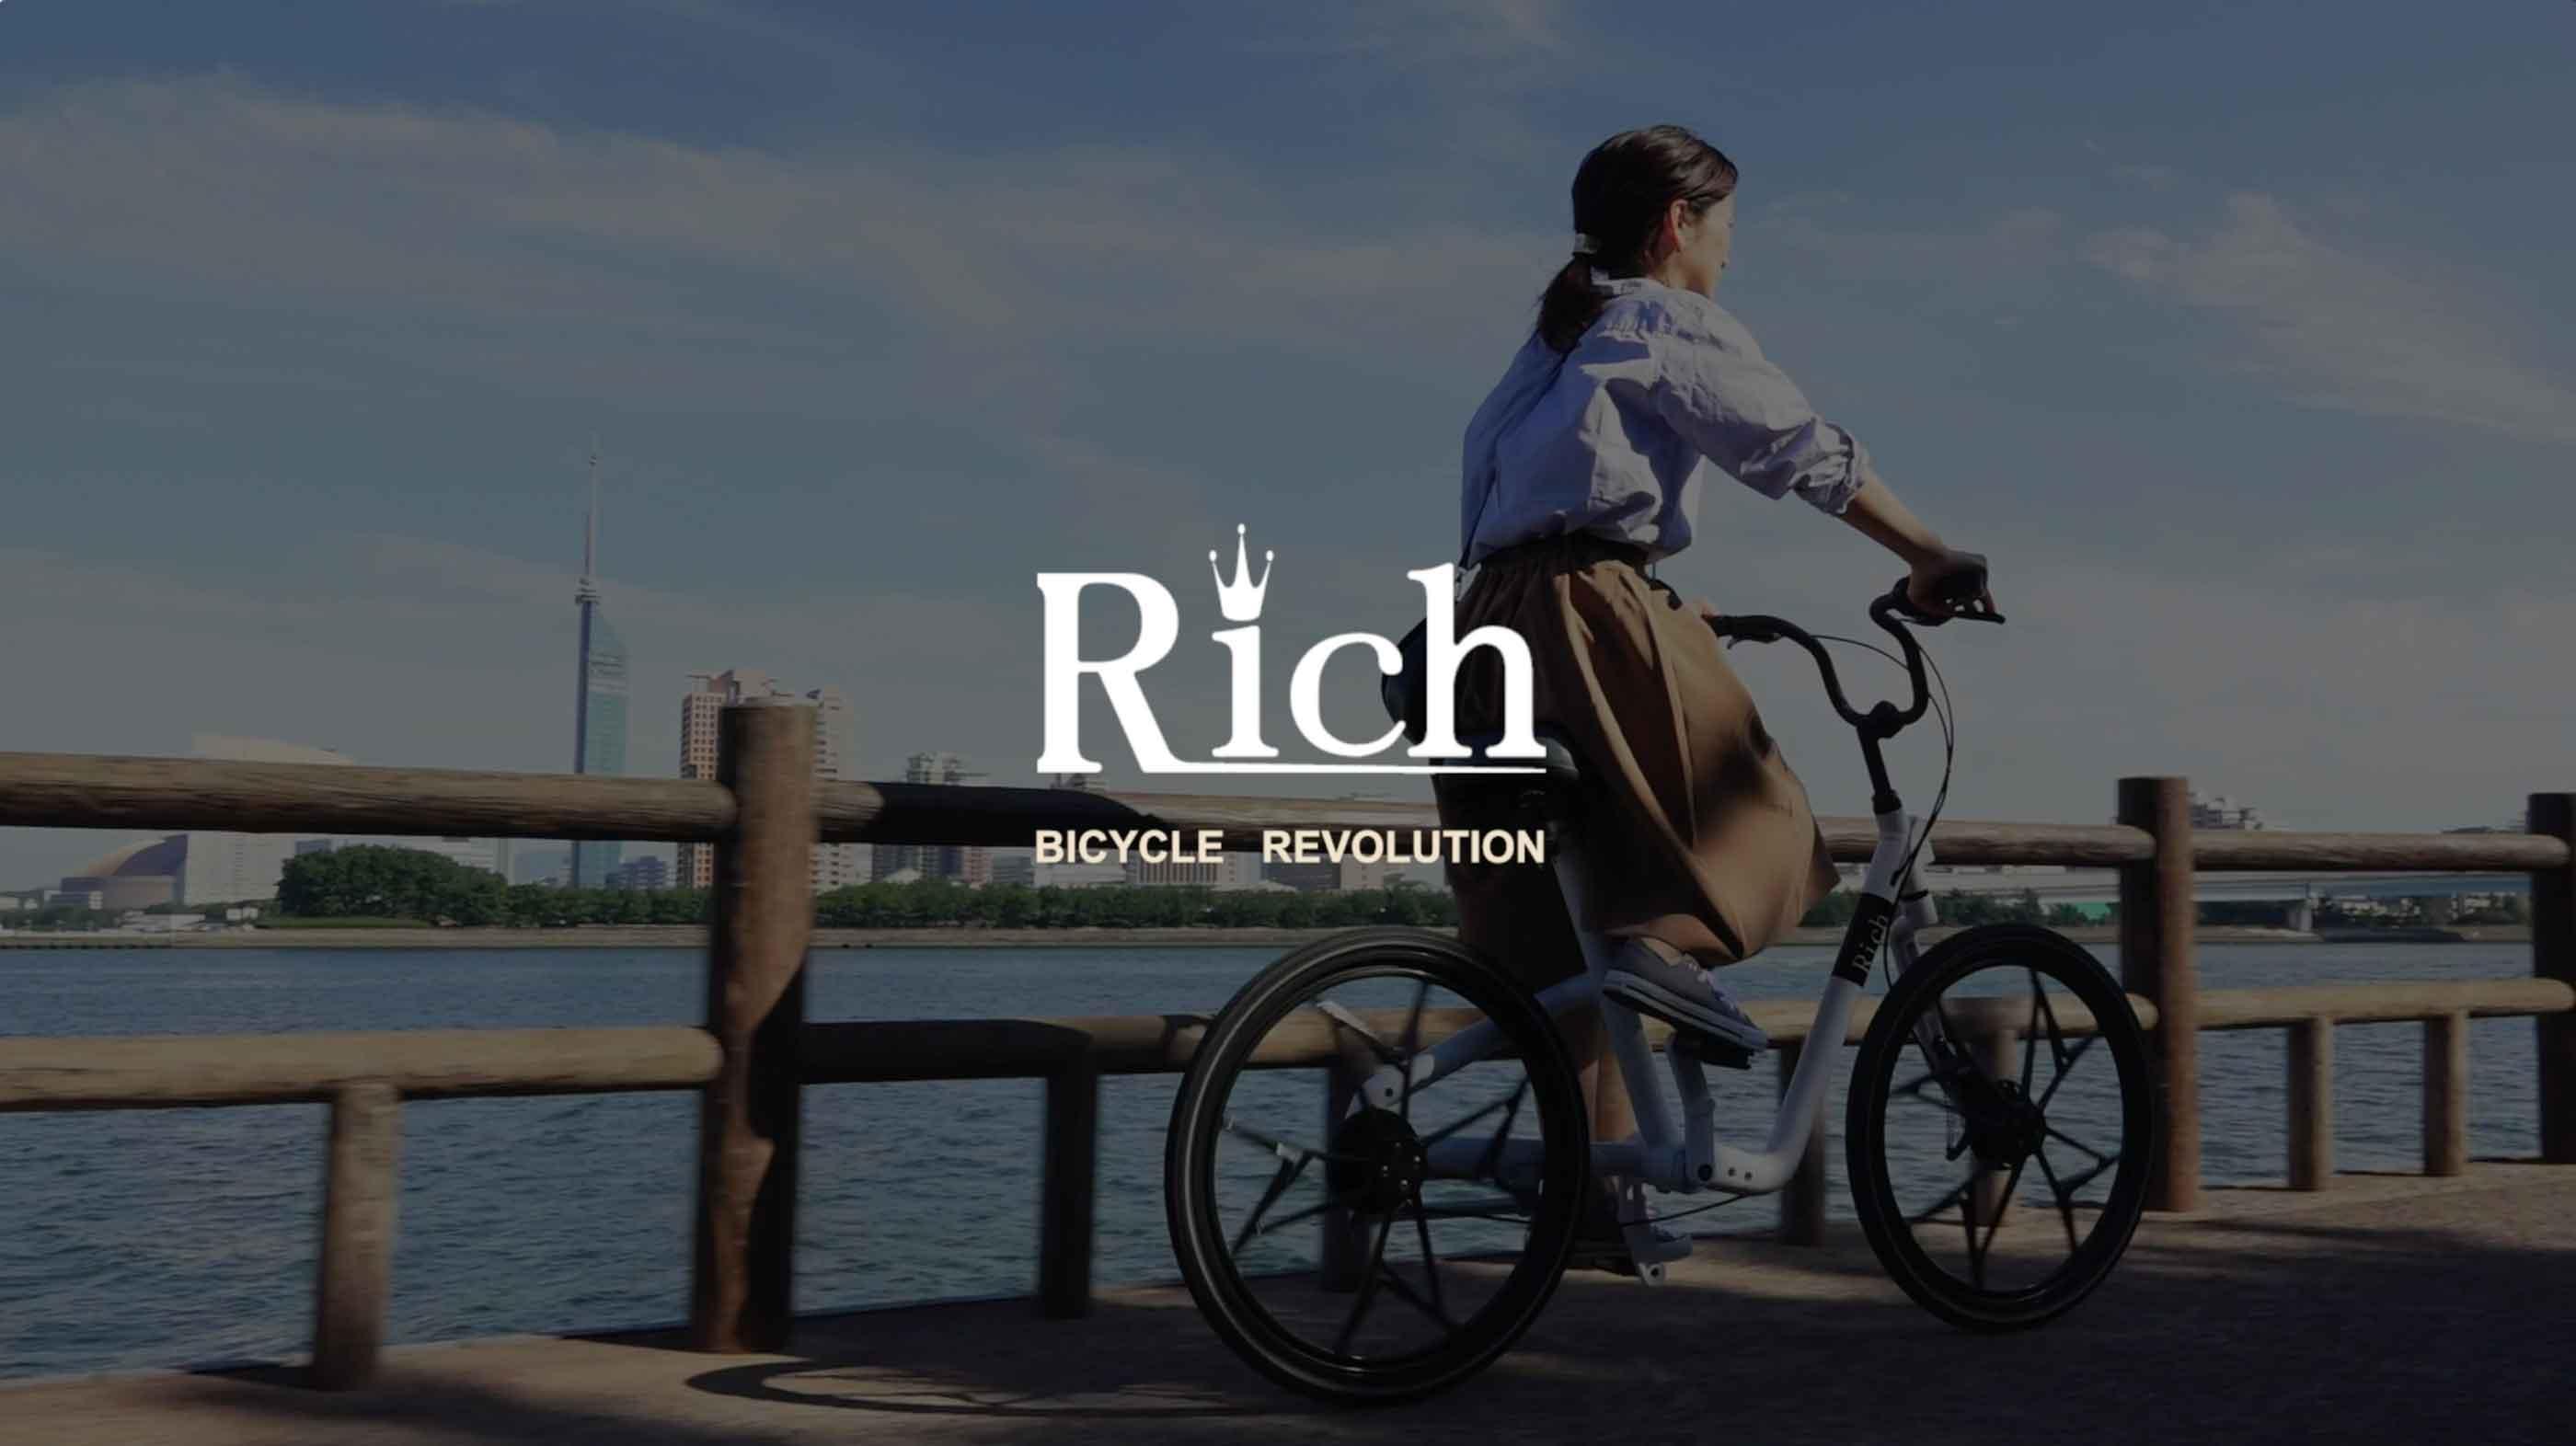 株式会社アルミス「メンテナンスフリーの自転車革命・Rich PV」の制作デザインイメージ